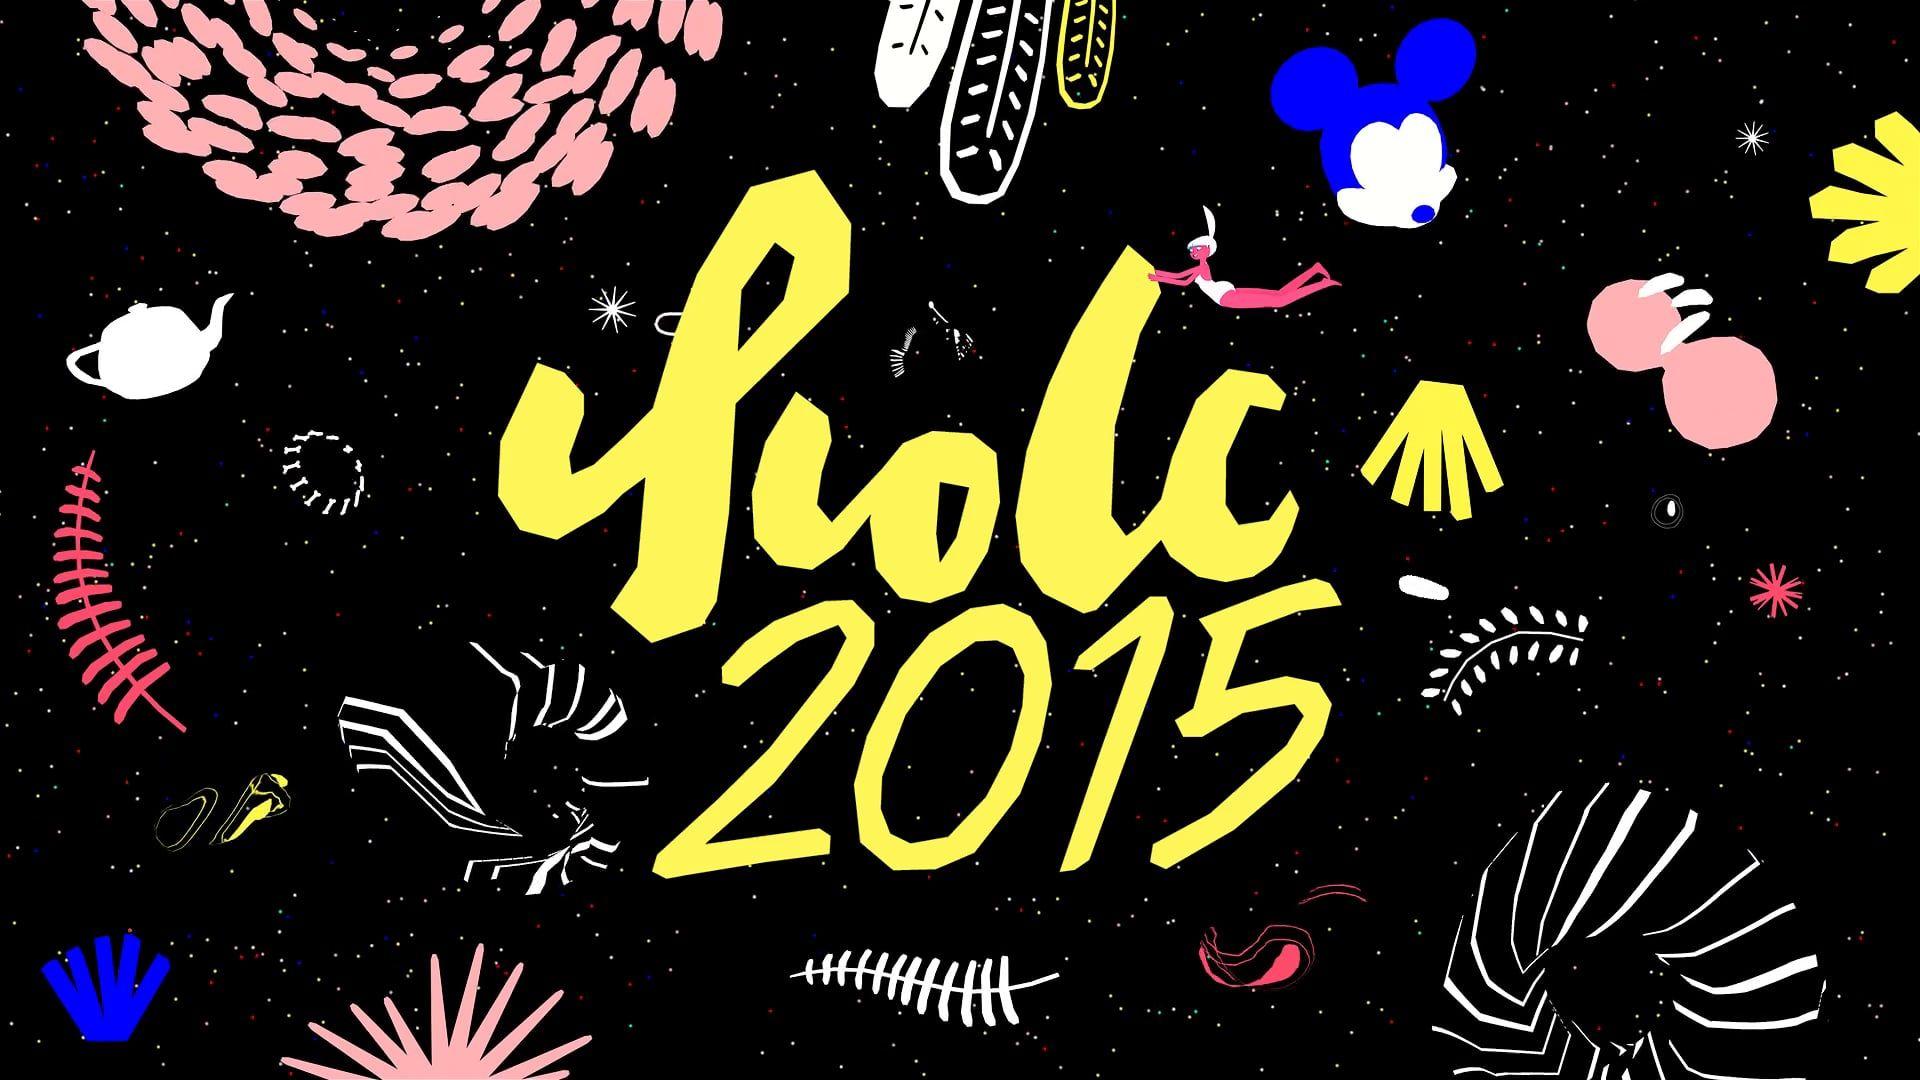 Asif2015 animation festival opener